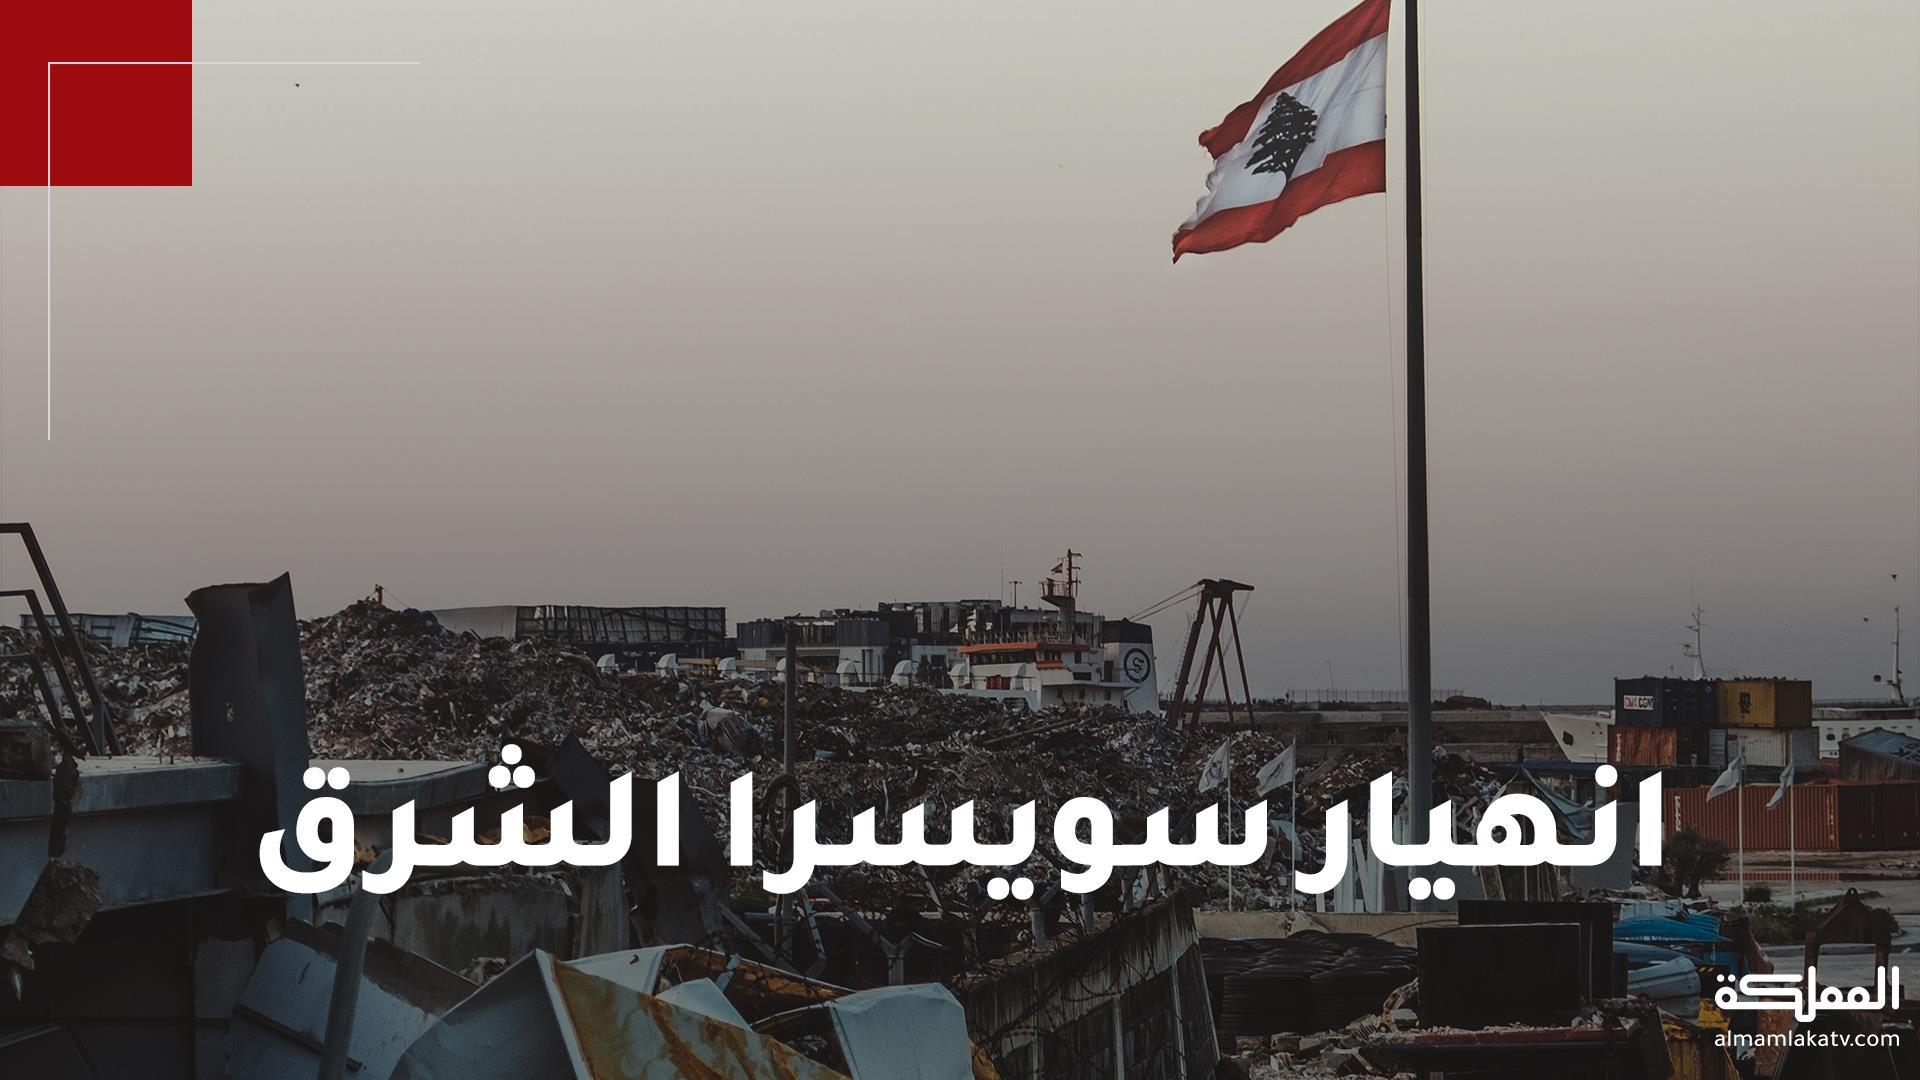 ست الدنيا تندب أحوالها.. لبنان بلا غذاء ولا دواء ولا وقود؛ ولا حكومة